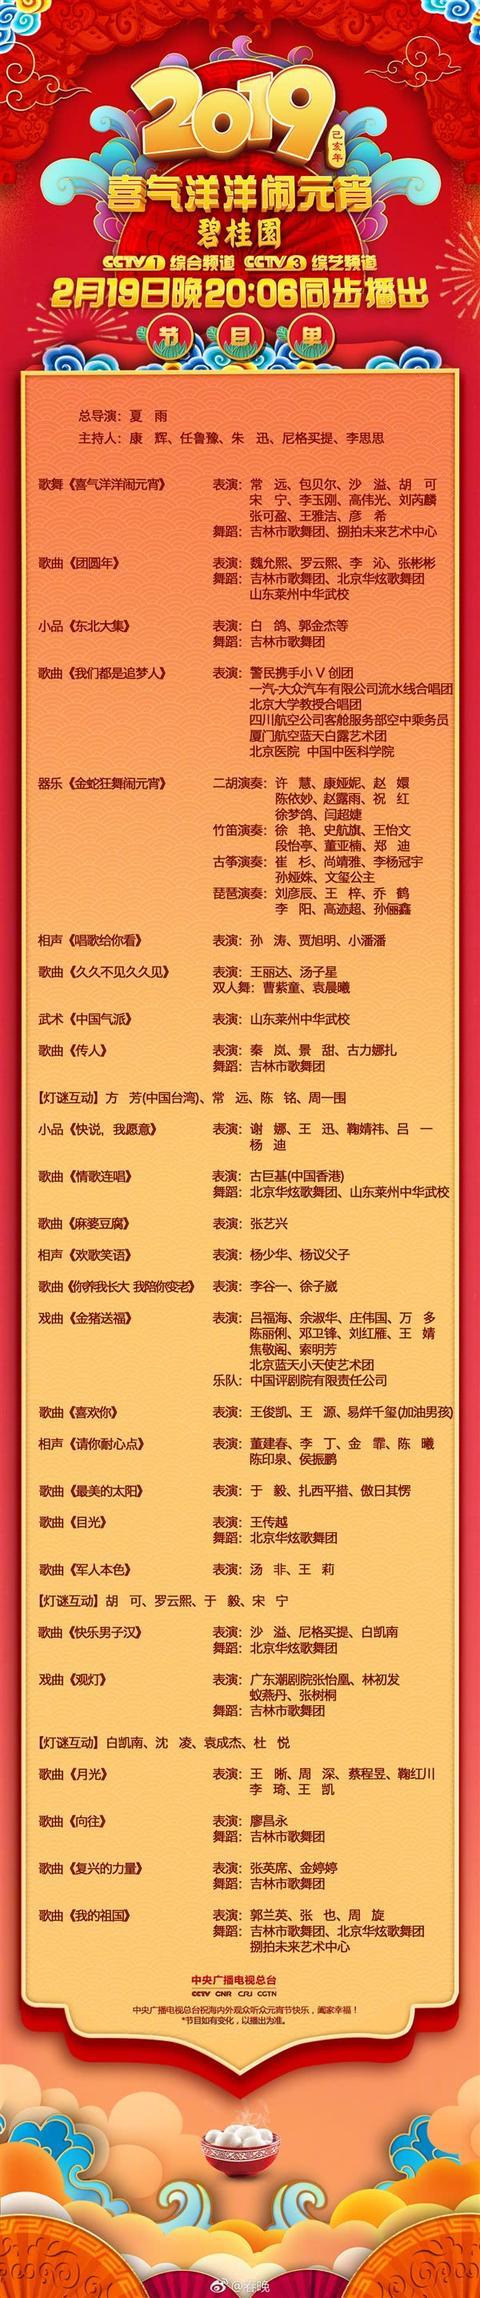 2019央视元宵晚会节目单公布:沙溢两次登台